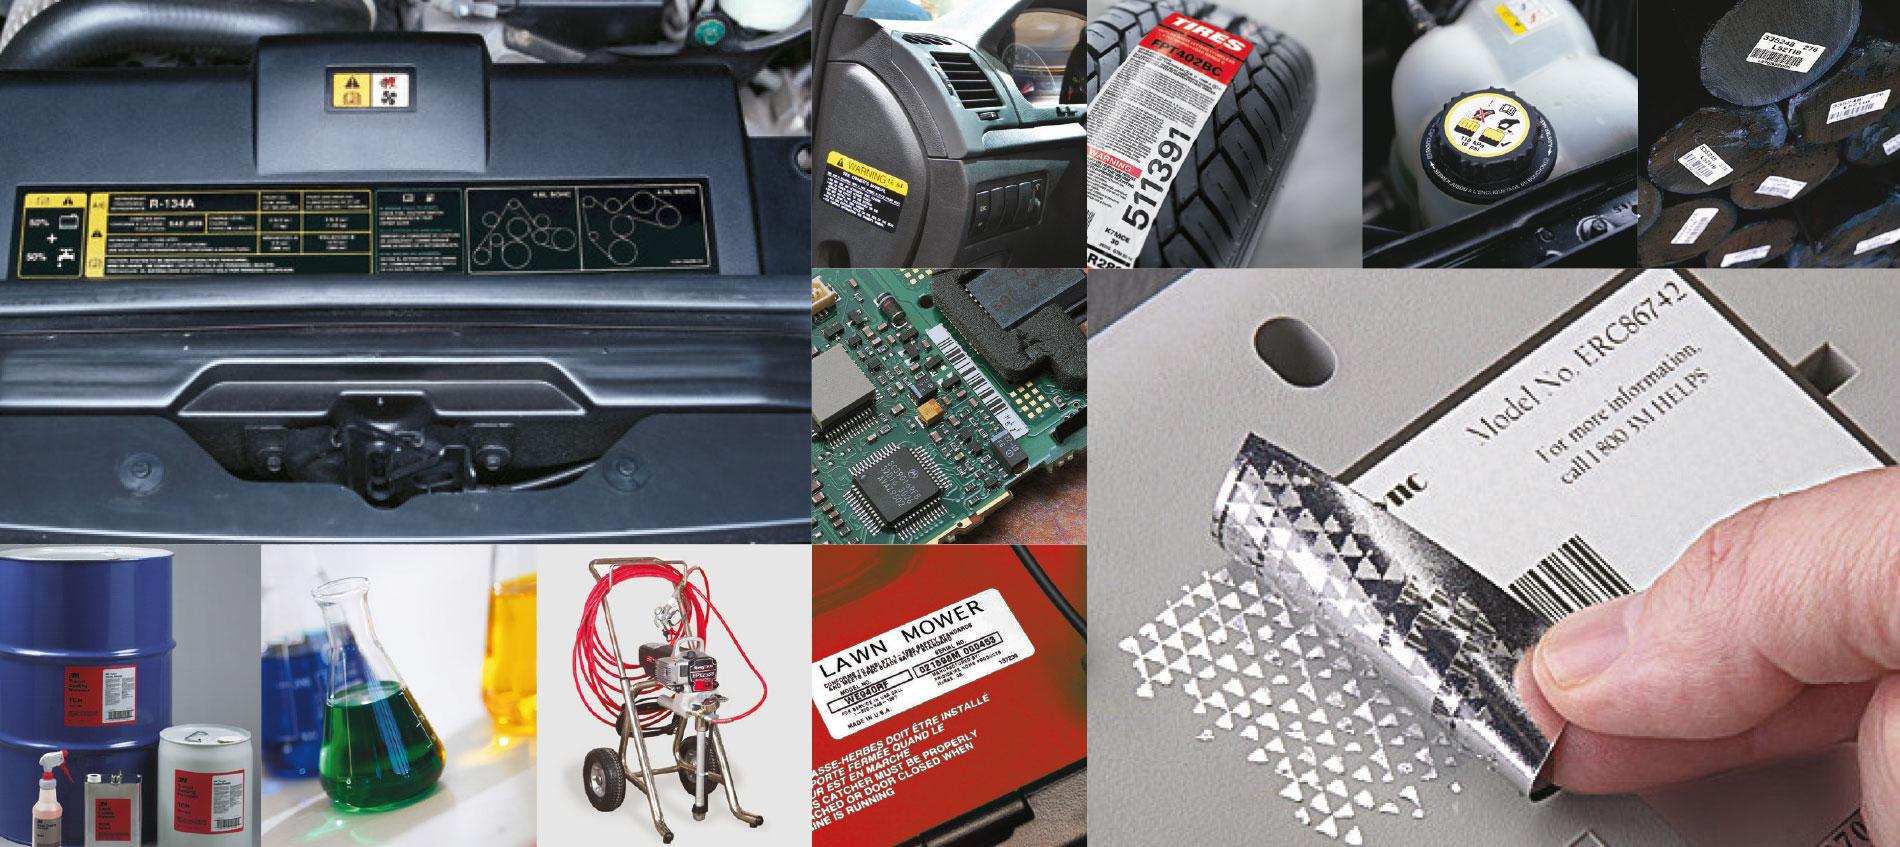 Etichette per la produzione industriale